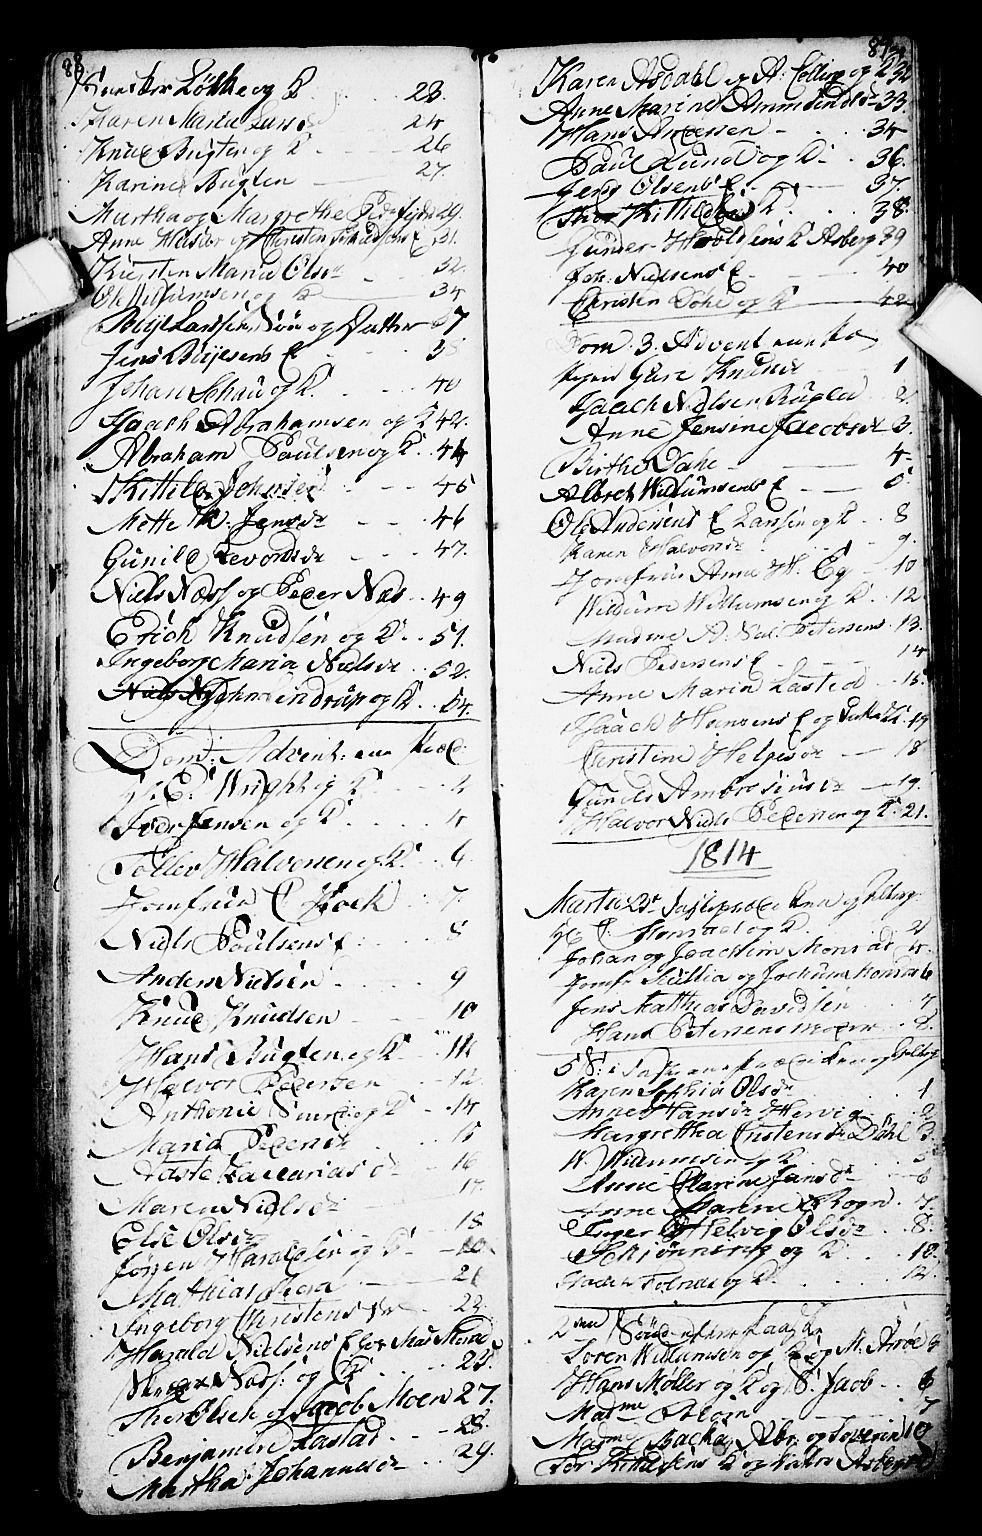 SAKO, Porsgrunn kirkebøker , G/Ga/L0001: Klokkerbok nr. I 1, 1766-1790, s. 88-89